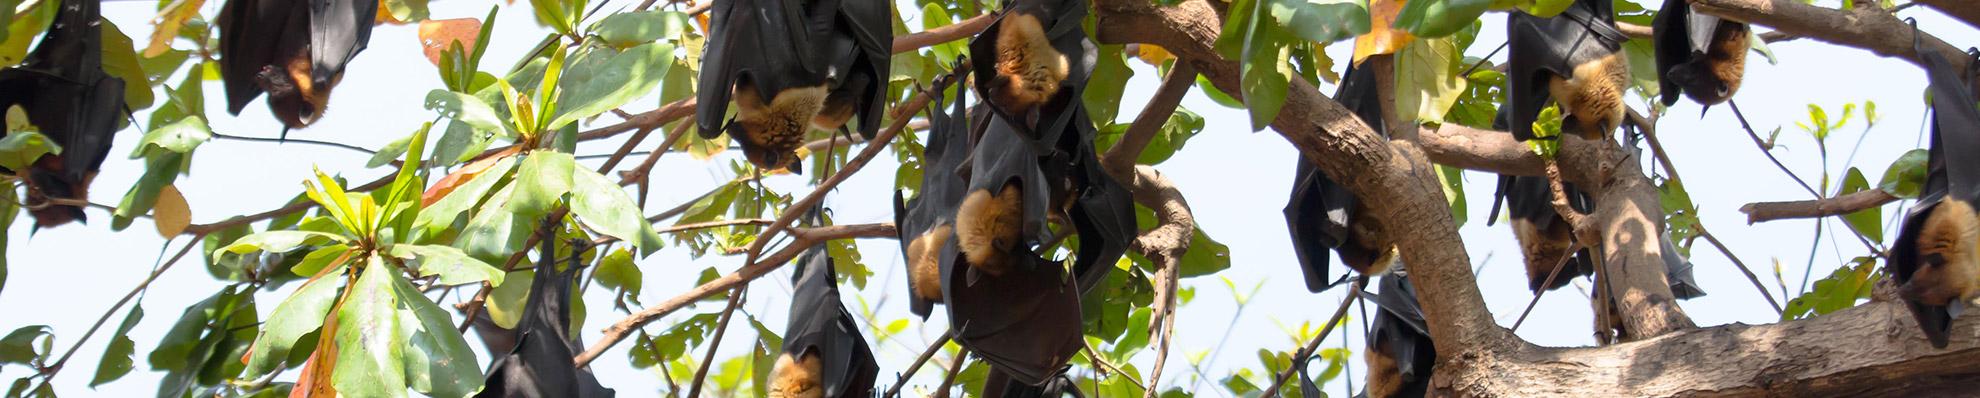 הרחקת עטלפים | סלע הדברה